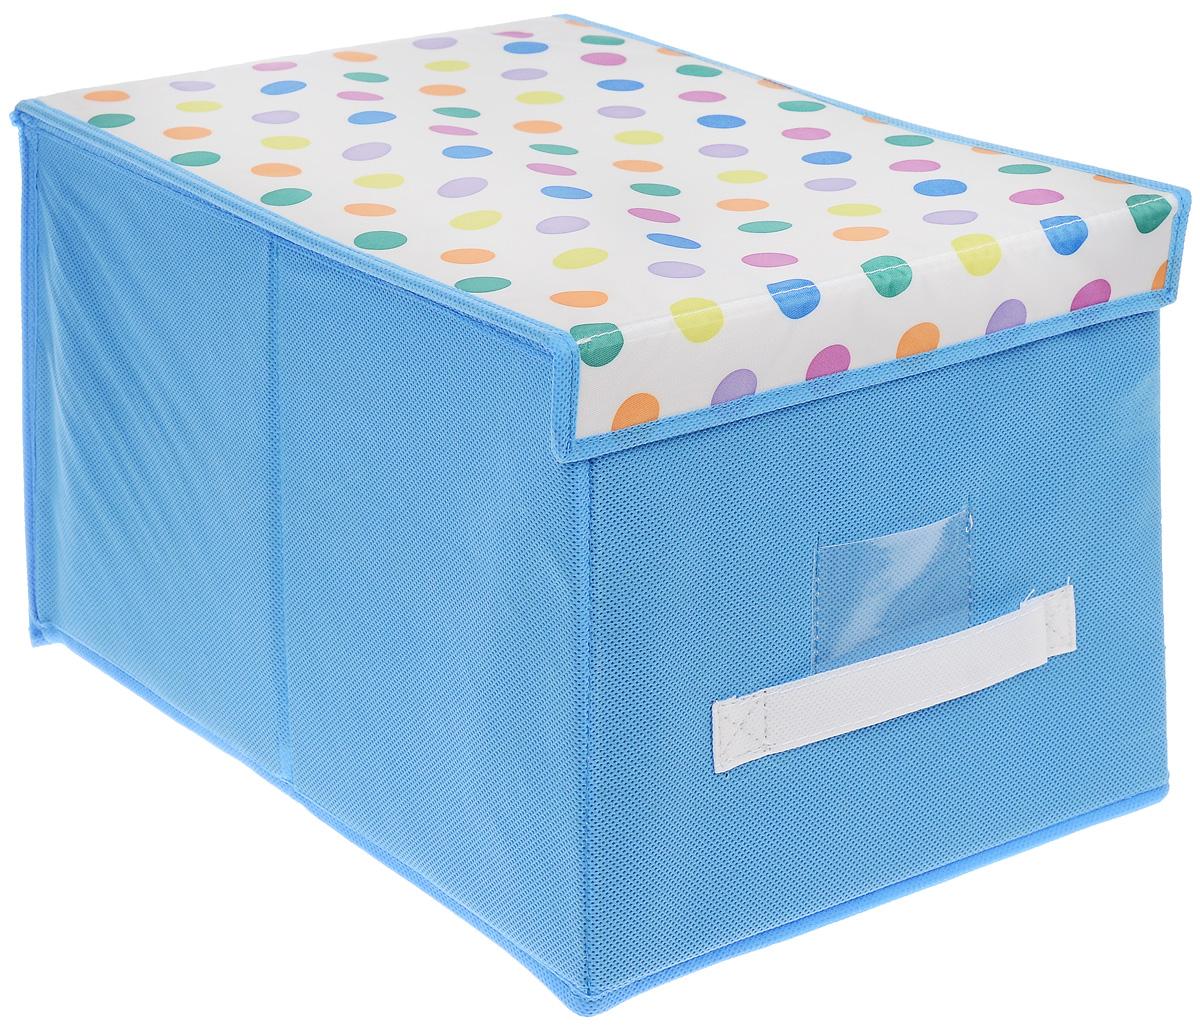 Чехол-коробка для хранения вещей Voila Kids, цвет: голубой, белый, 30 х 40 х 25 смCOVLSCBY12K_голубойЧехол-коробка Voila Kids выполнен из полипропилена. Изделие предназначено для хранения вещей. Он защитит вещи от повреждений, пыли, влаги и загрязнений во время хранения и транспортировки. Чехол-коробка идеально подходит для хранения детских вещей и игрушек. Жесткий каркас из плотного толстогокартона обеспечивает устойчивость конструкции. Крышка, оформленная принтом горох, закрывается на липучки. В прозрачном окне-кармашке на передней стенке чехла можно поместить бумажную этикетку с указанием содержимого чехла-коробки.